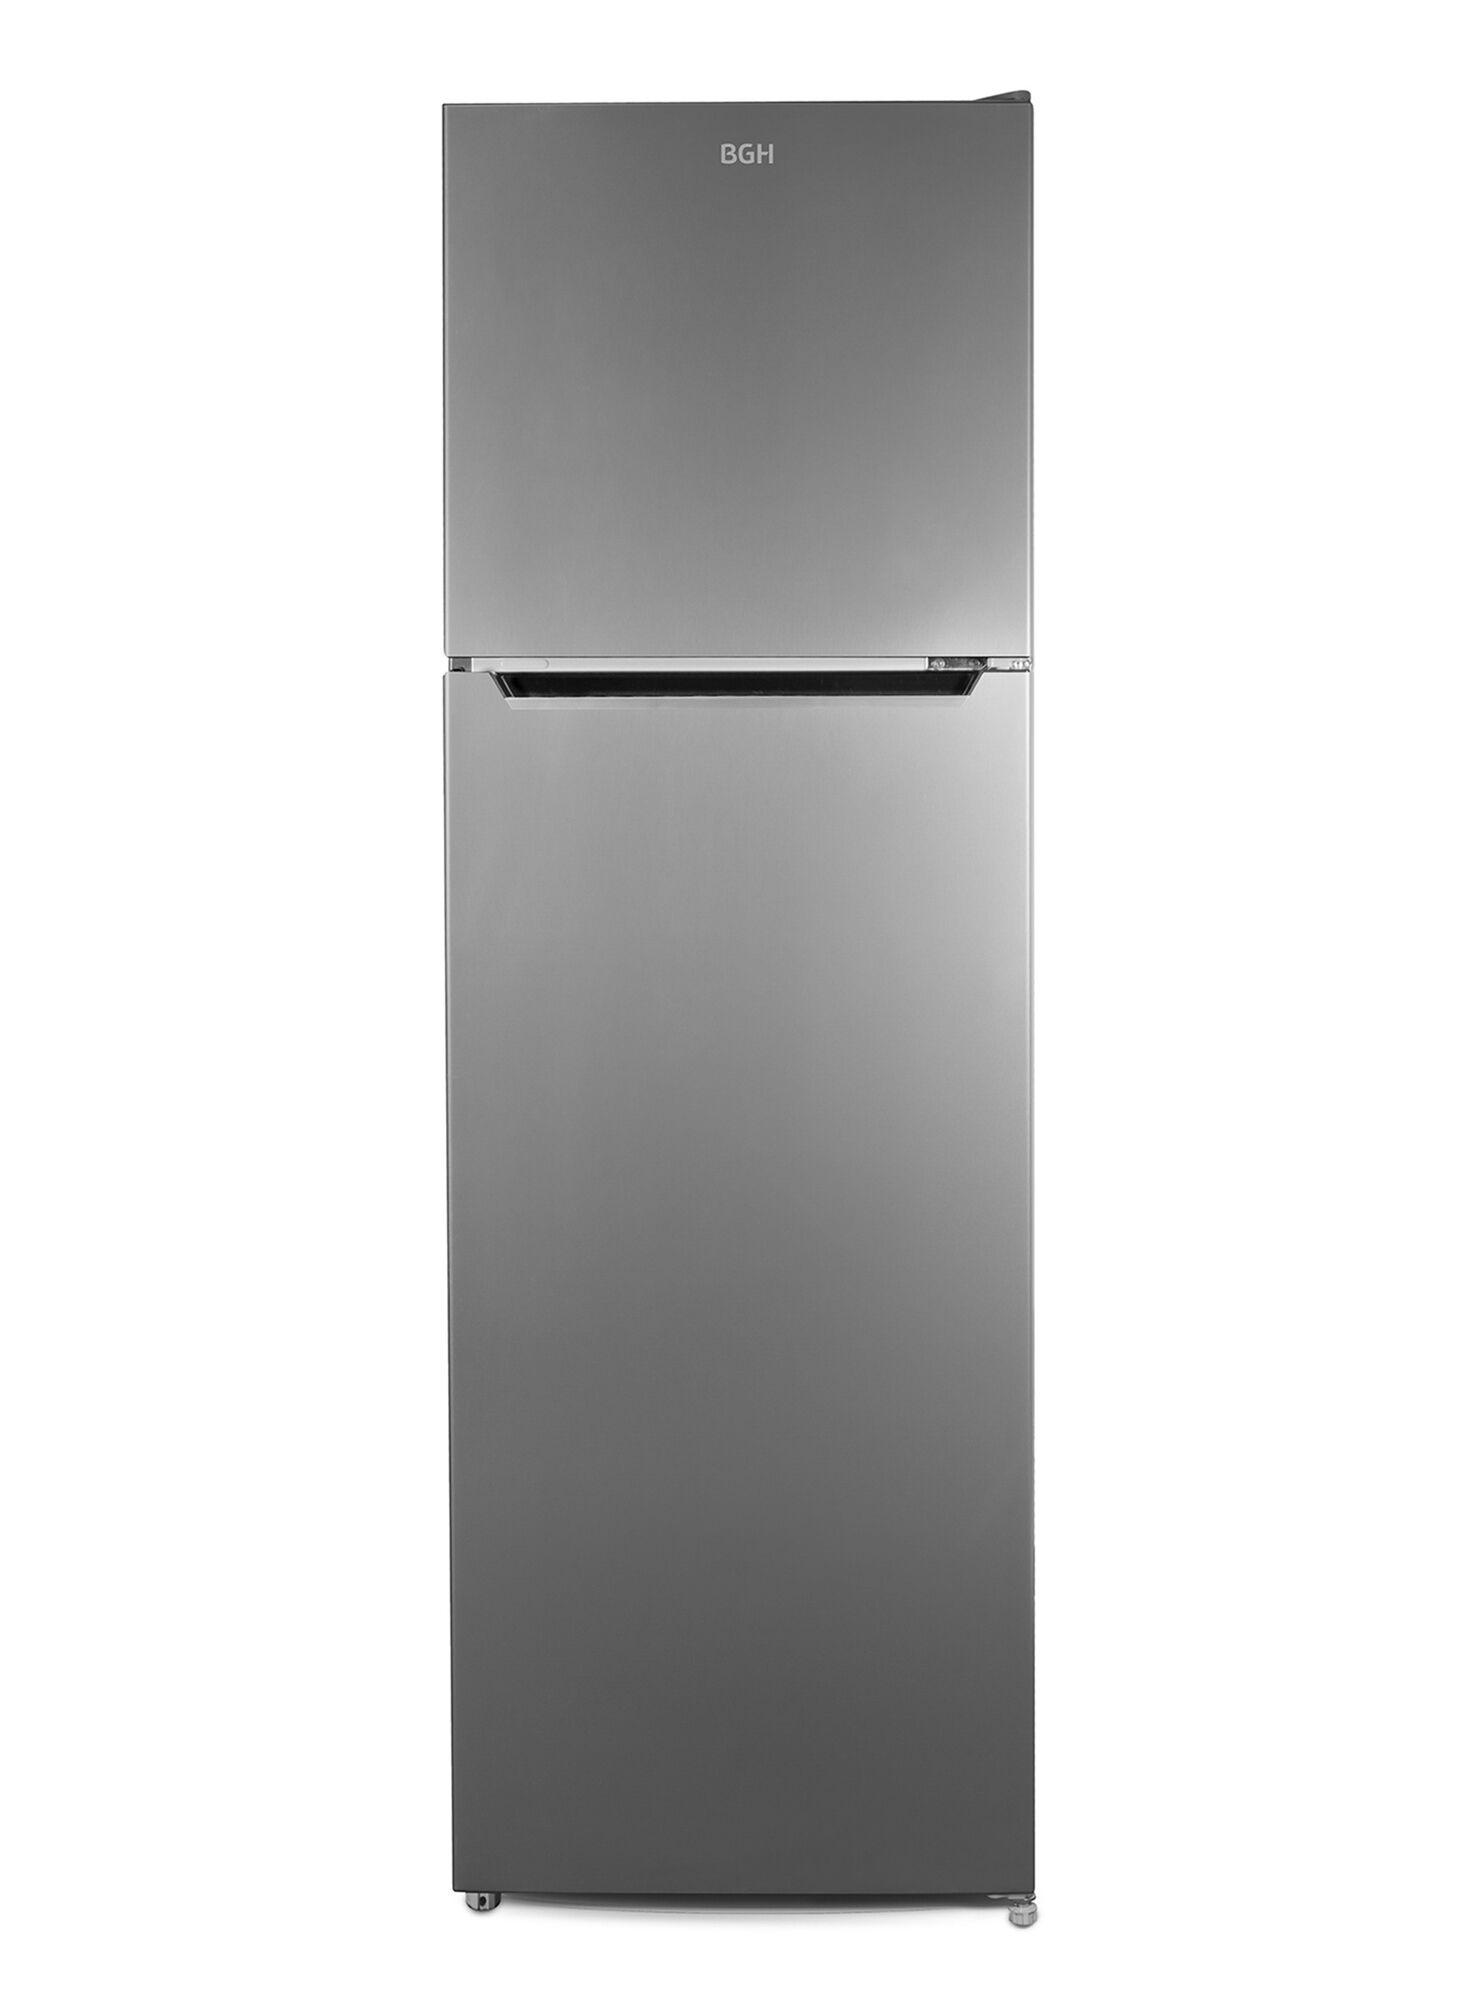 Refrigerador BGH No Frost 251 Litros BRVT265NFNNNCL